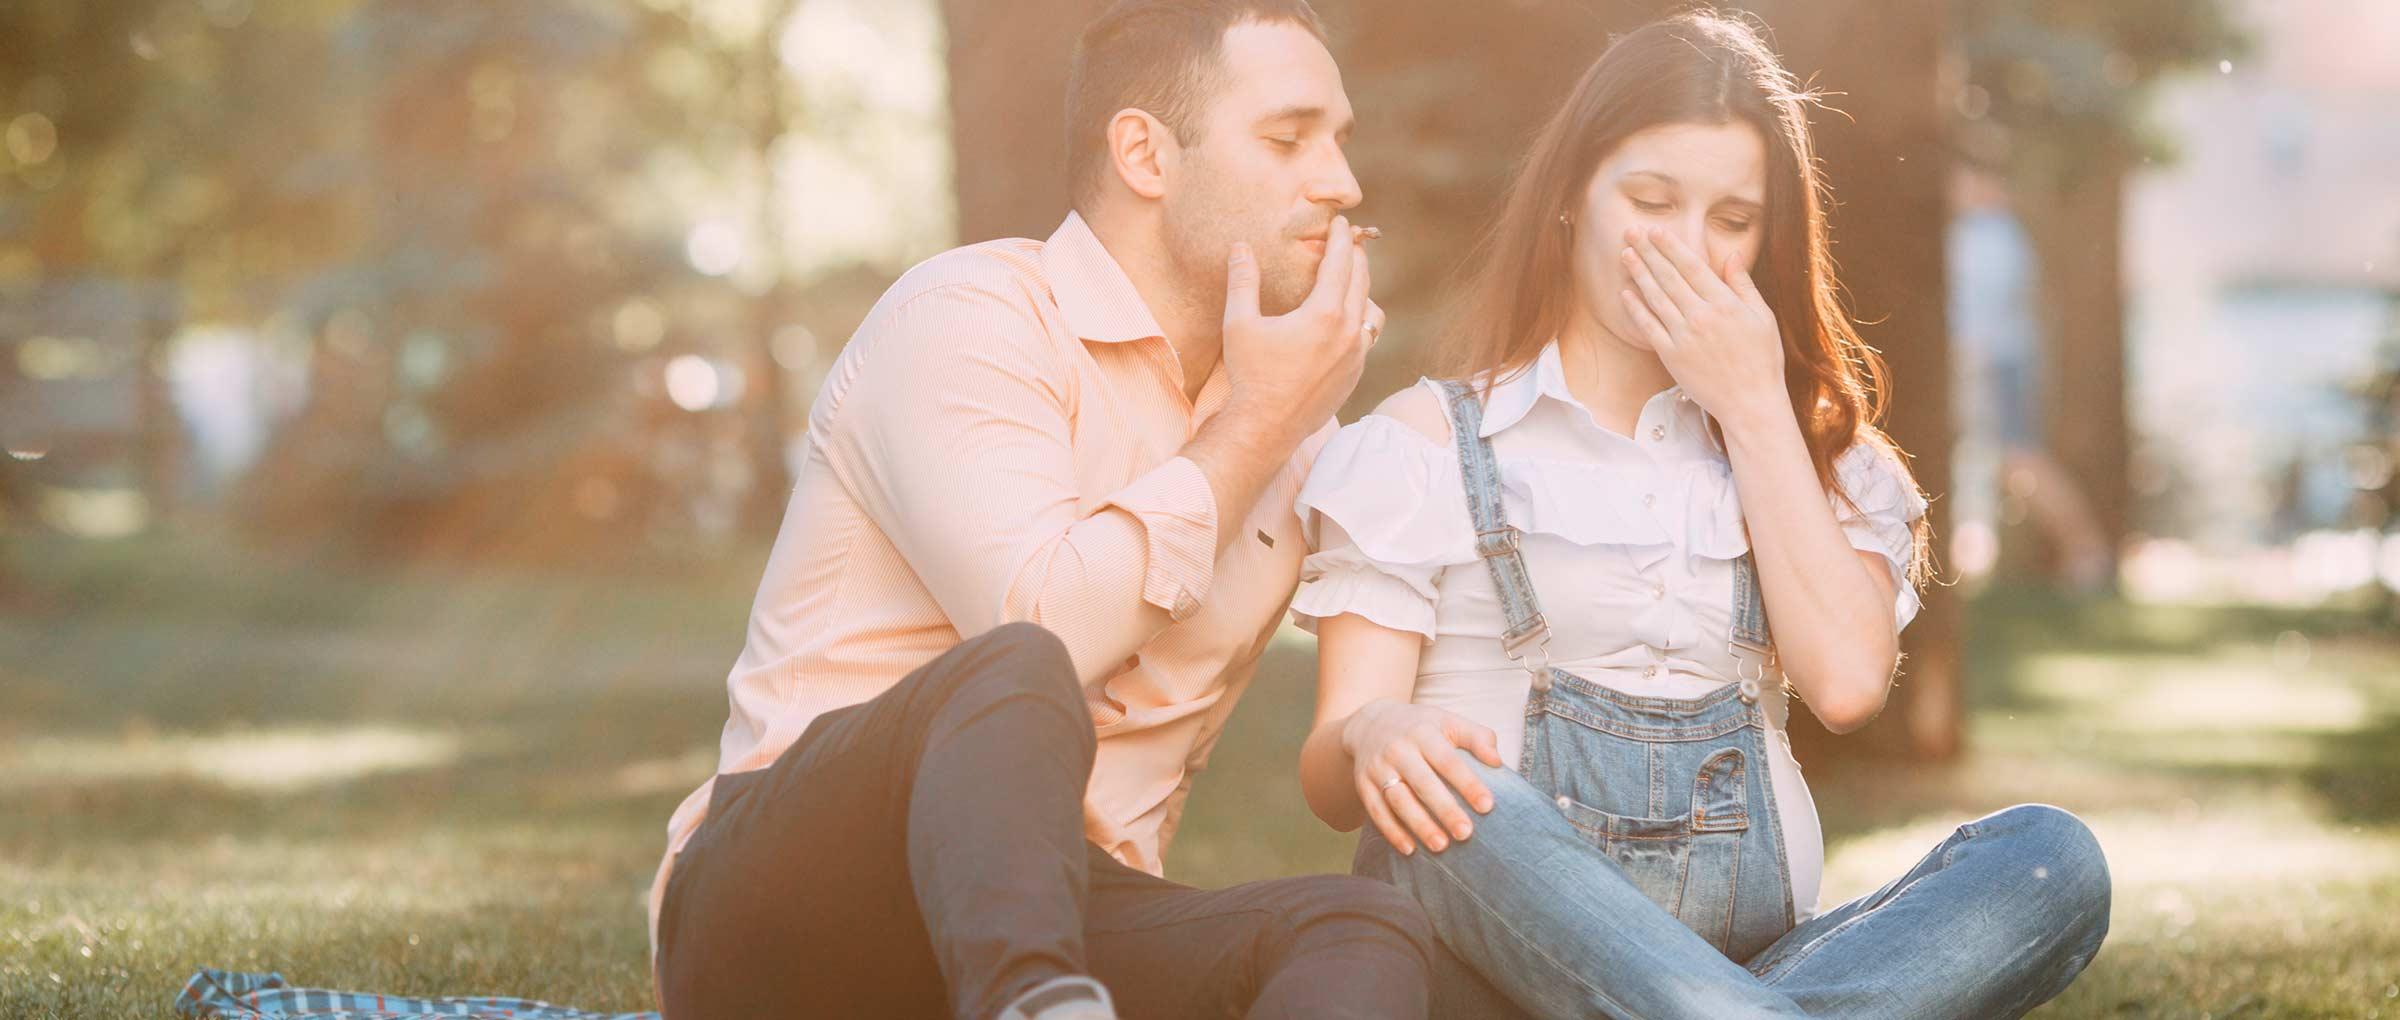 Le tabac affecte sérieusement la fertilité et la grossesse